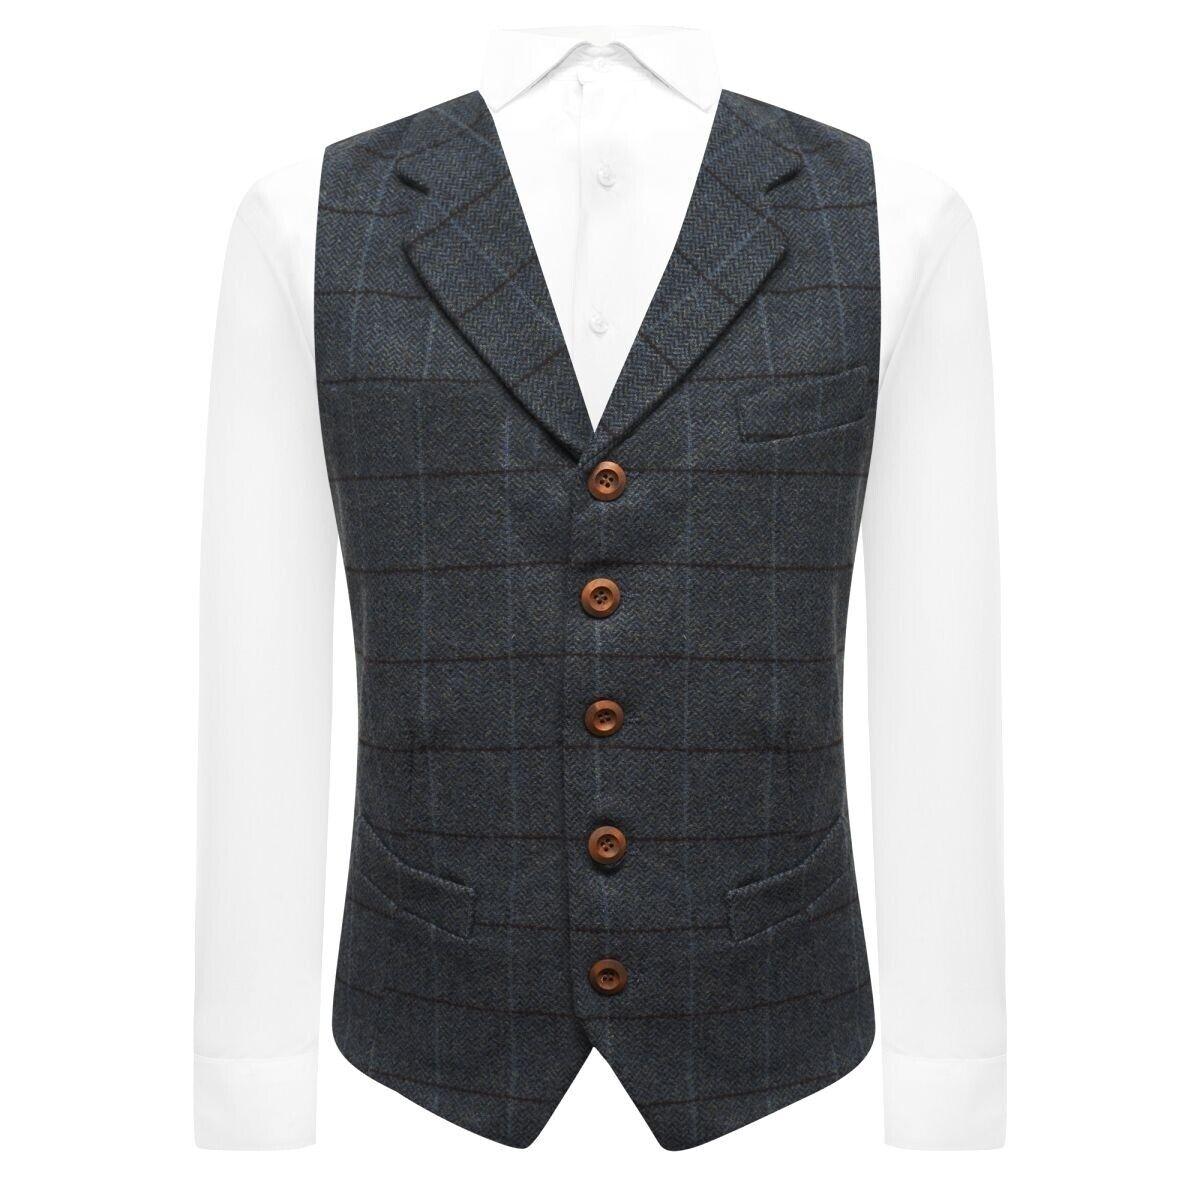 Luxury Aegean Blue Herringbone Check Waistcoat with Lapel, Tweed